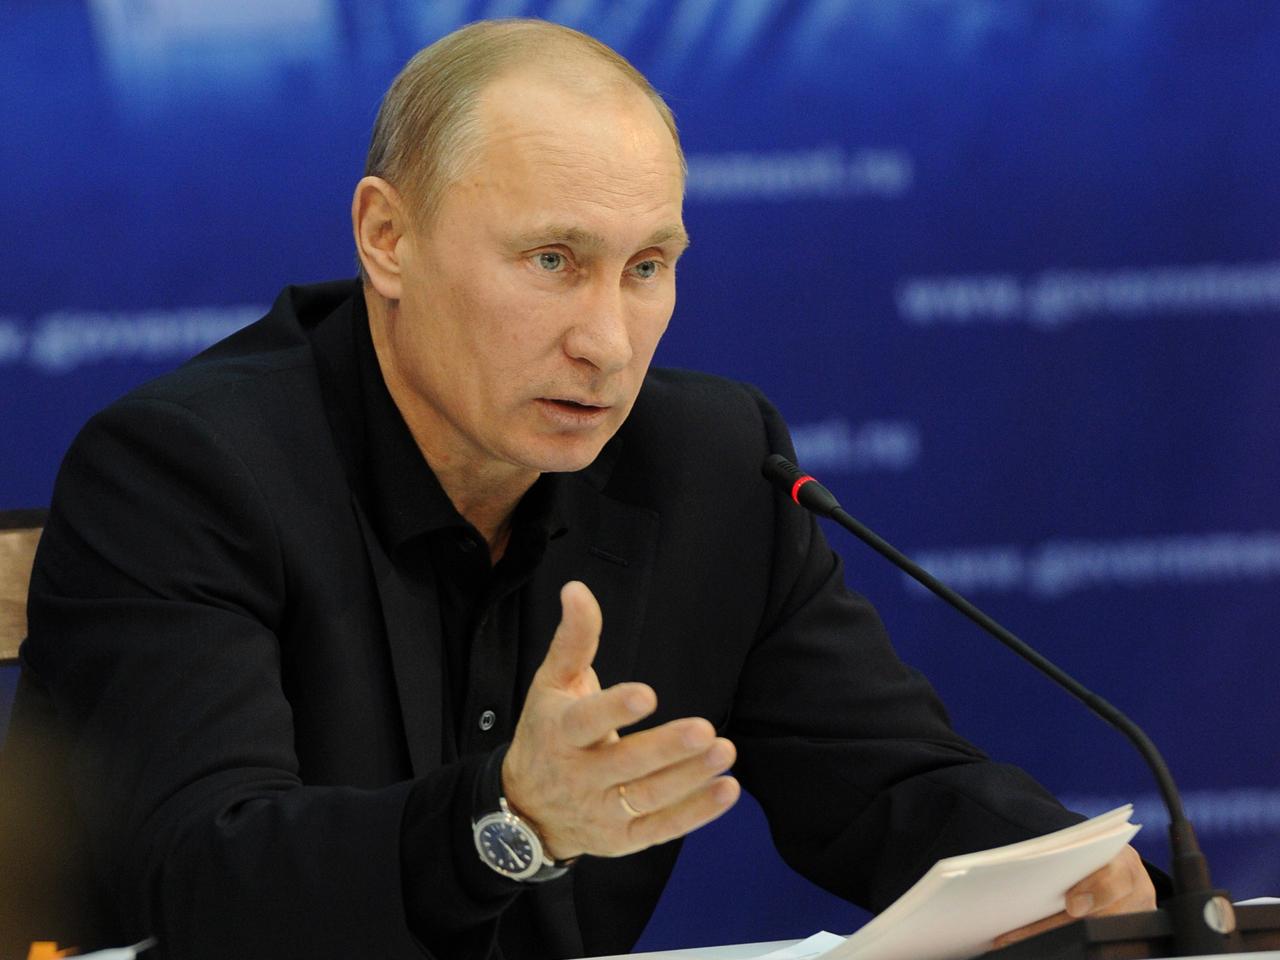 Президент РФ Владимир Путин озвучил план по стабилизации ситуации на юго-востоке Украины, состоящий из семи пунктов.